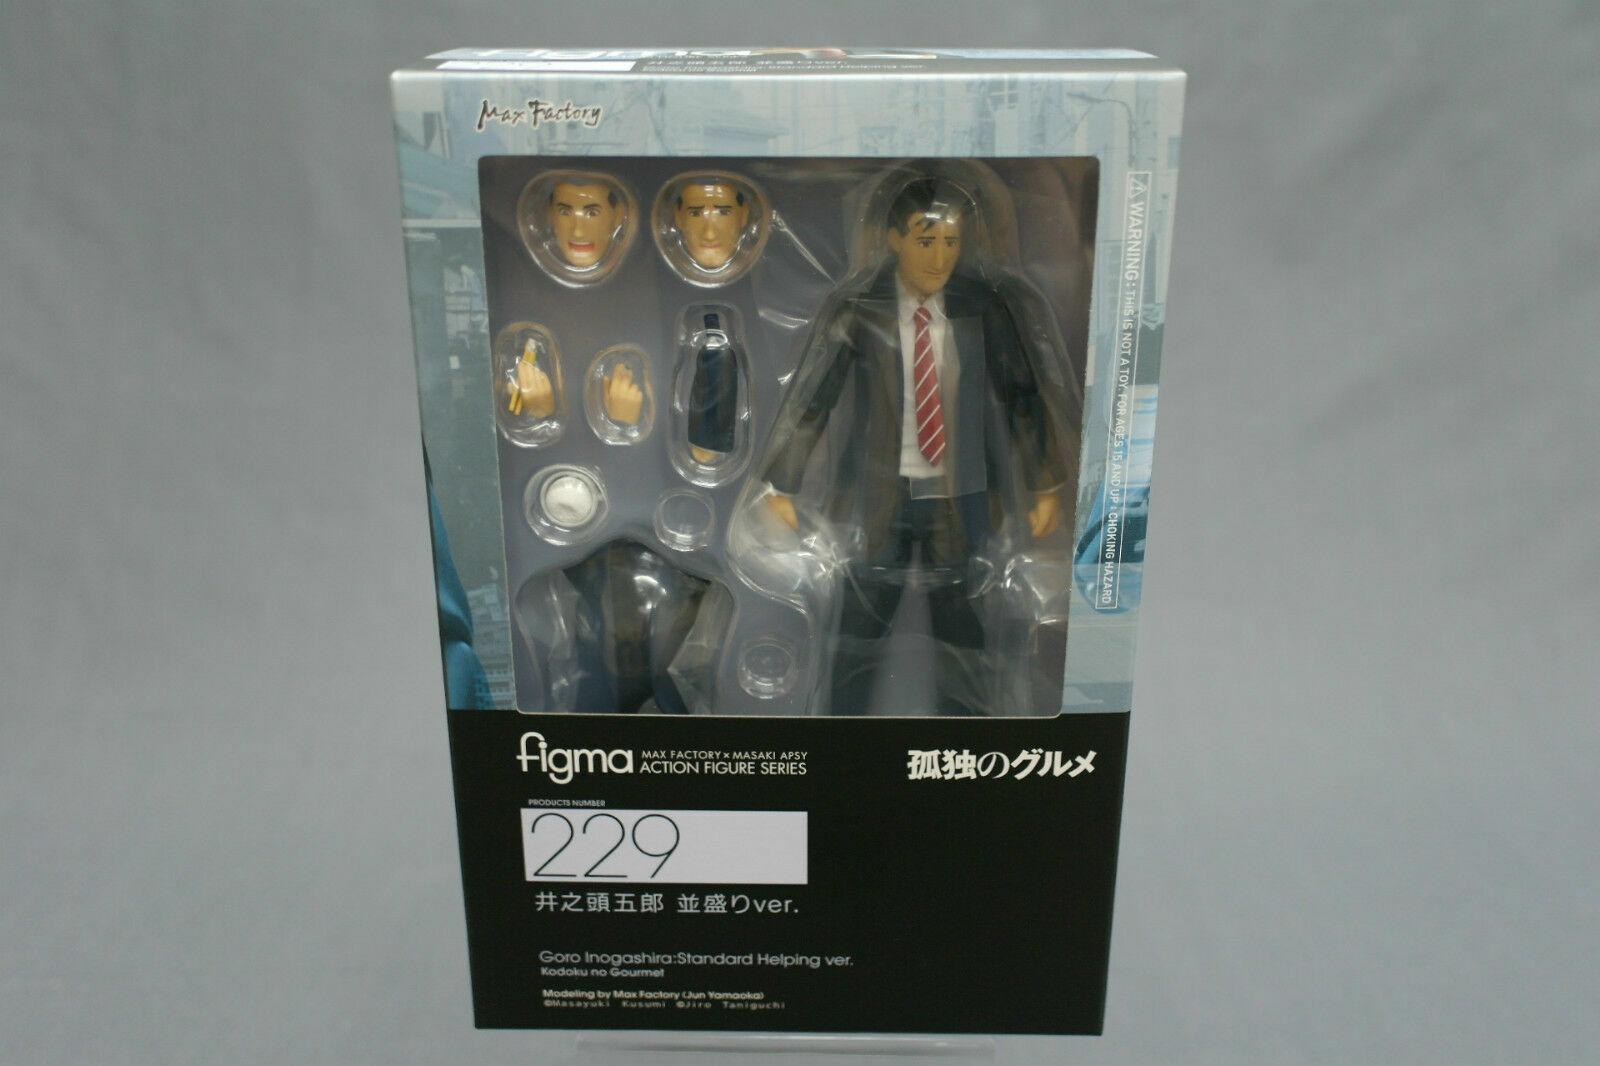 Goro Inogashira Figma Good Smile Kodouku No Gourmet Action Figure Standard Helping Version